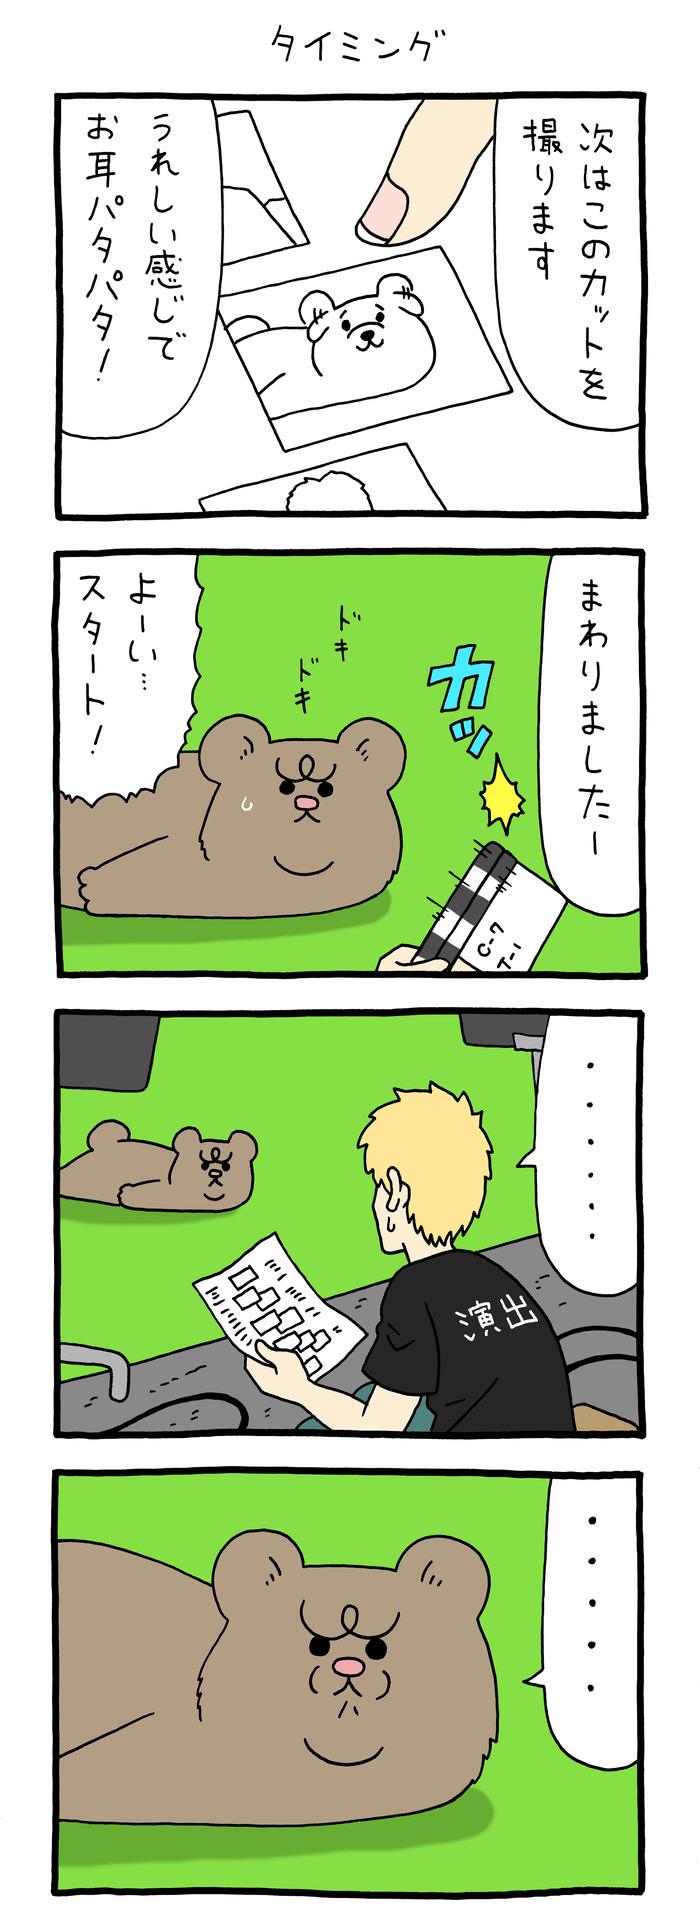 悲熊とコマーシャル2-_0001 のコピー